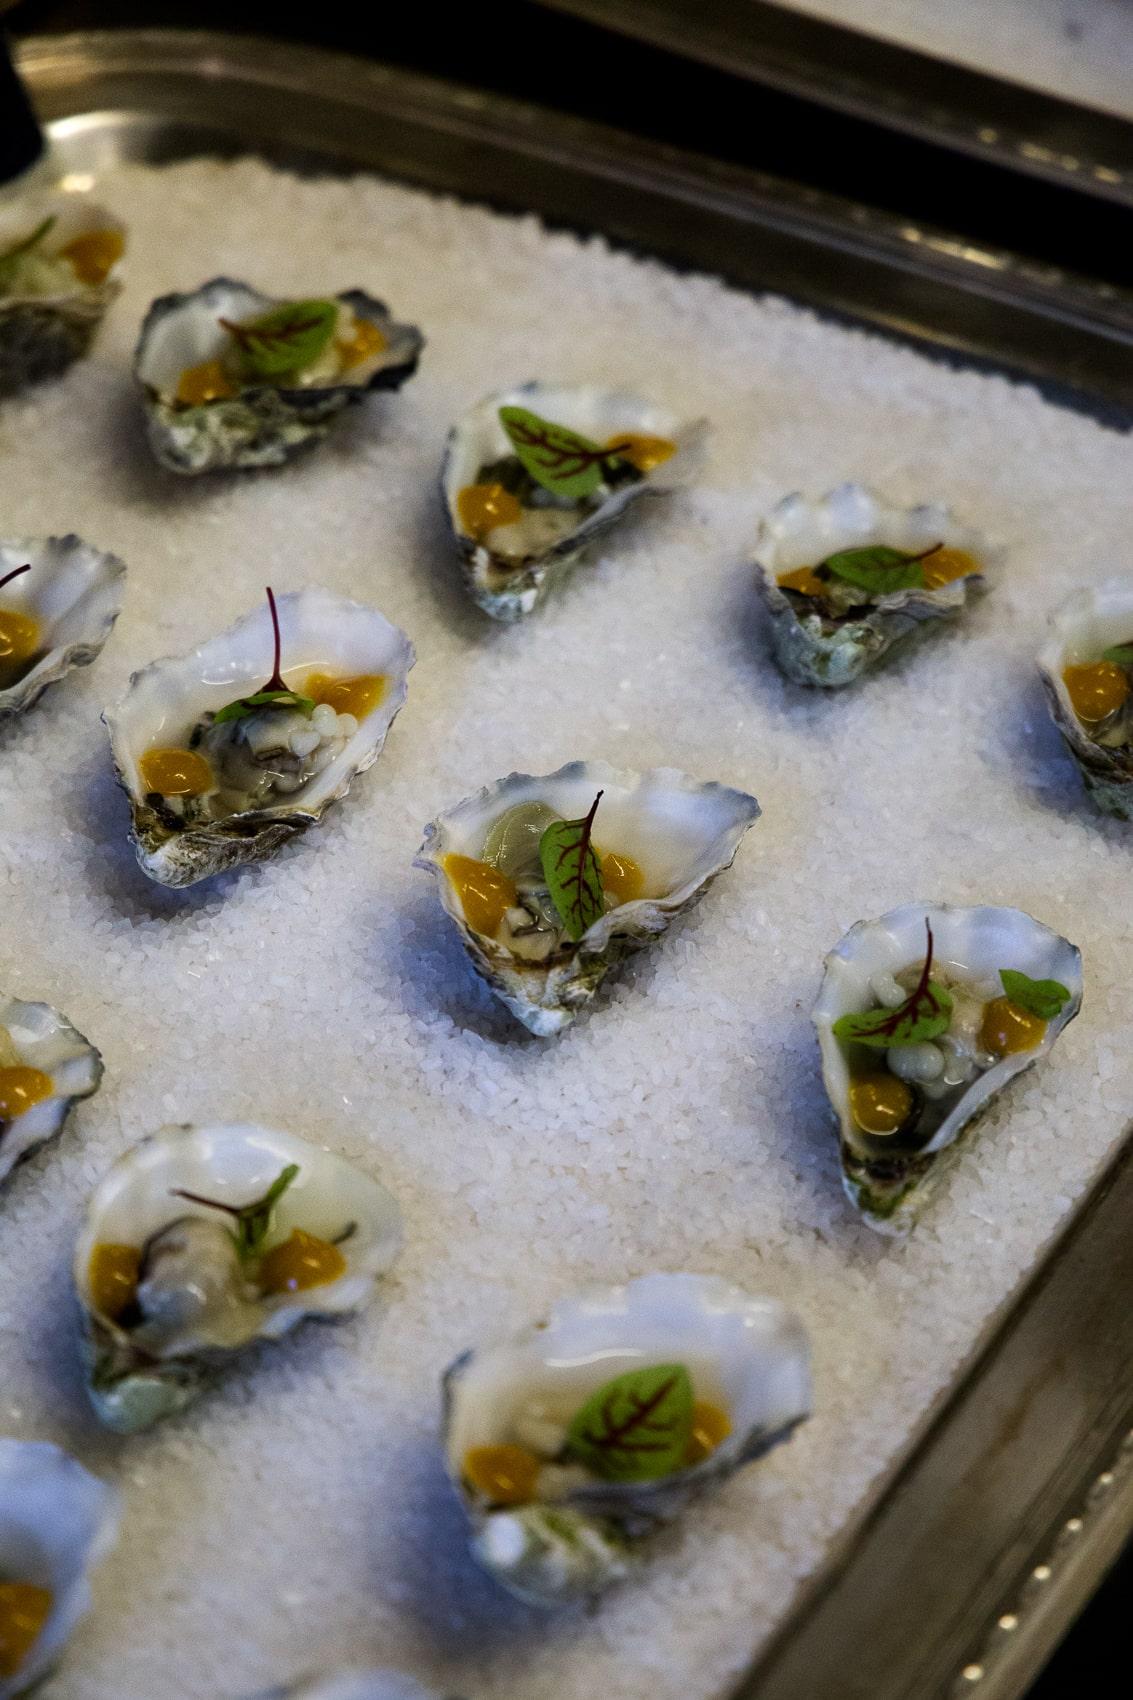 Rheingau Gourmet Festival 2018: In der Küche mit Sternekoch Thomas Martin